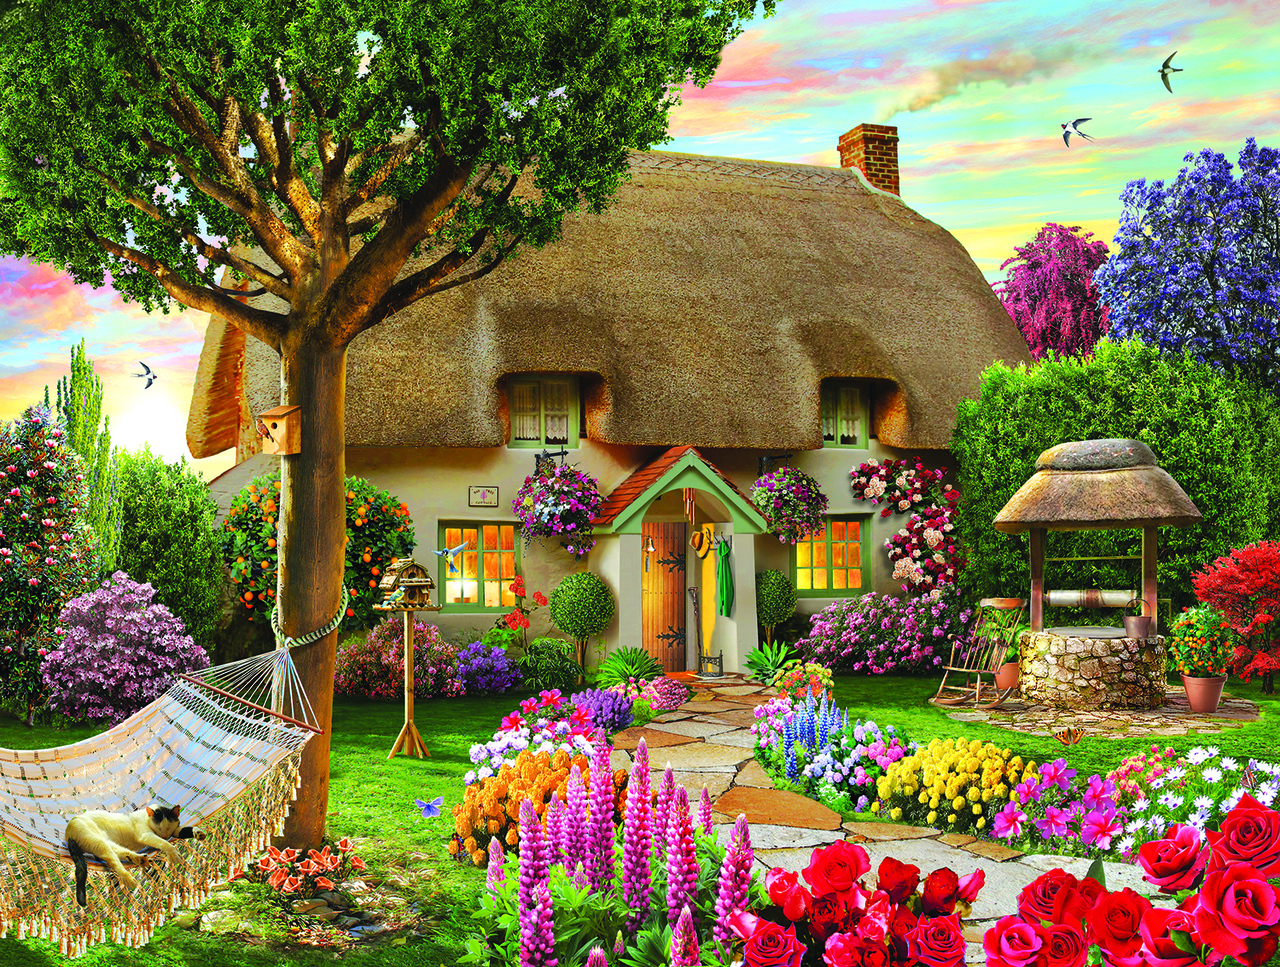 adrian-cherterman-wishing-well-cottage